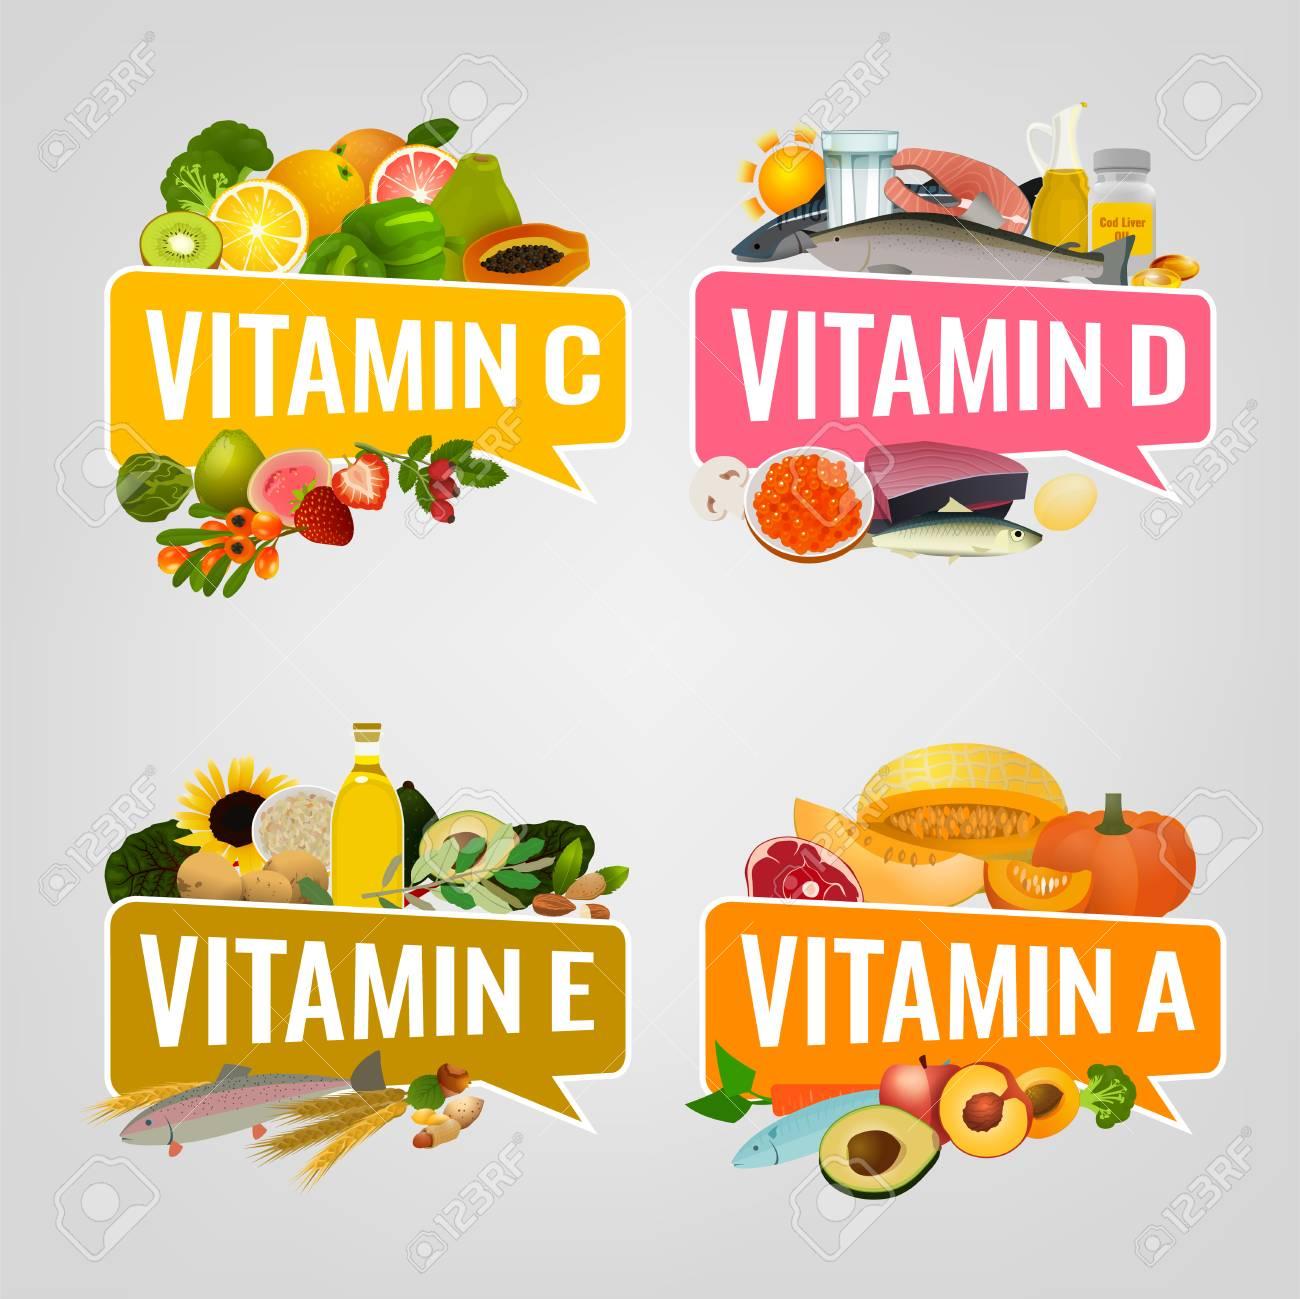 mejores paquetes de vitaminas